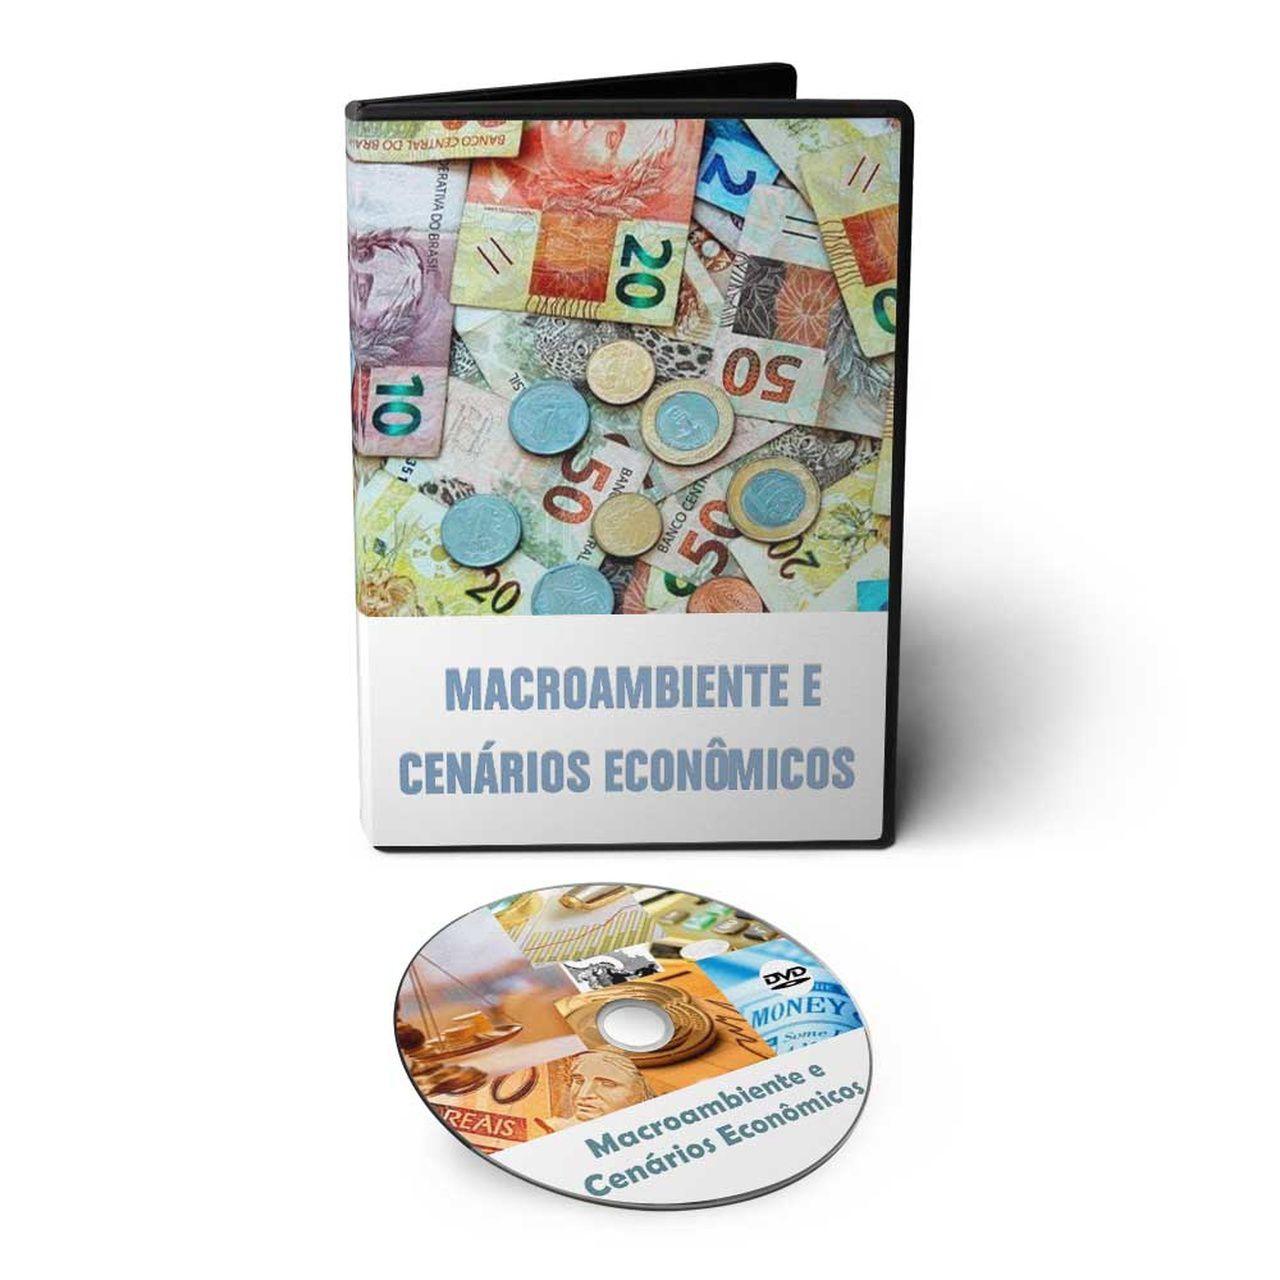 Curso sobre Macroambiente e Cenários Econômicos em DVD Videoaula